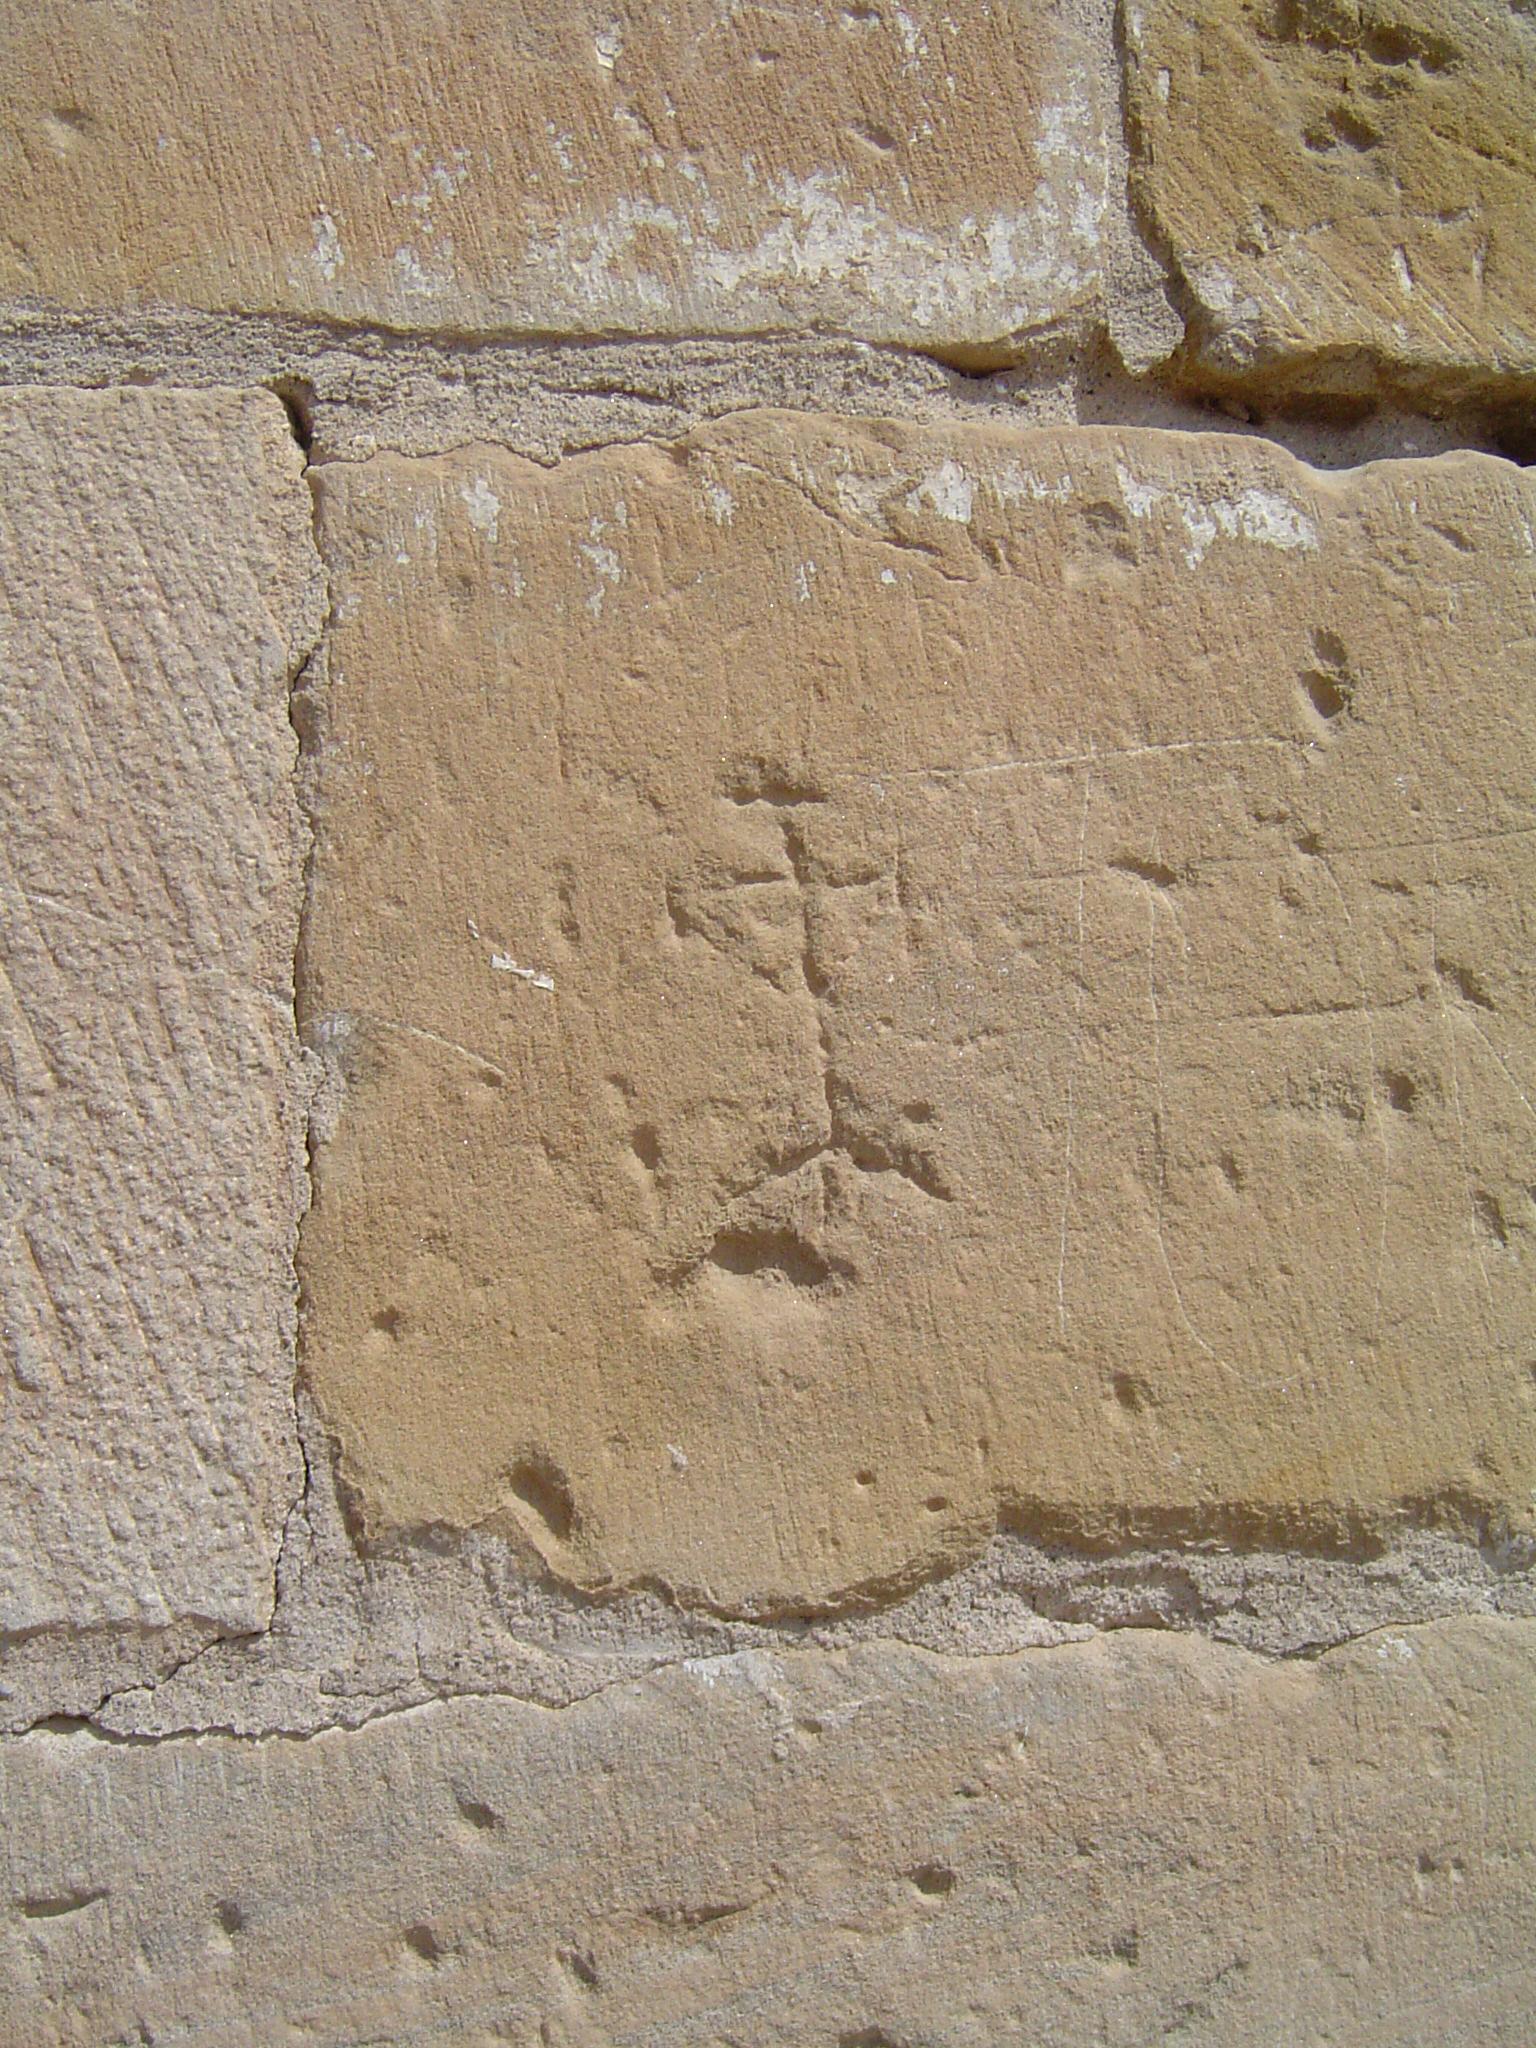 27.08.2010 Una estranya marca de picapedrer, podria representar ¿un home, o un arbre potser?            Seu Vella de Lleida -  Jordi Bibià